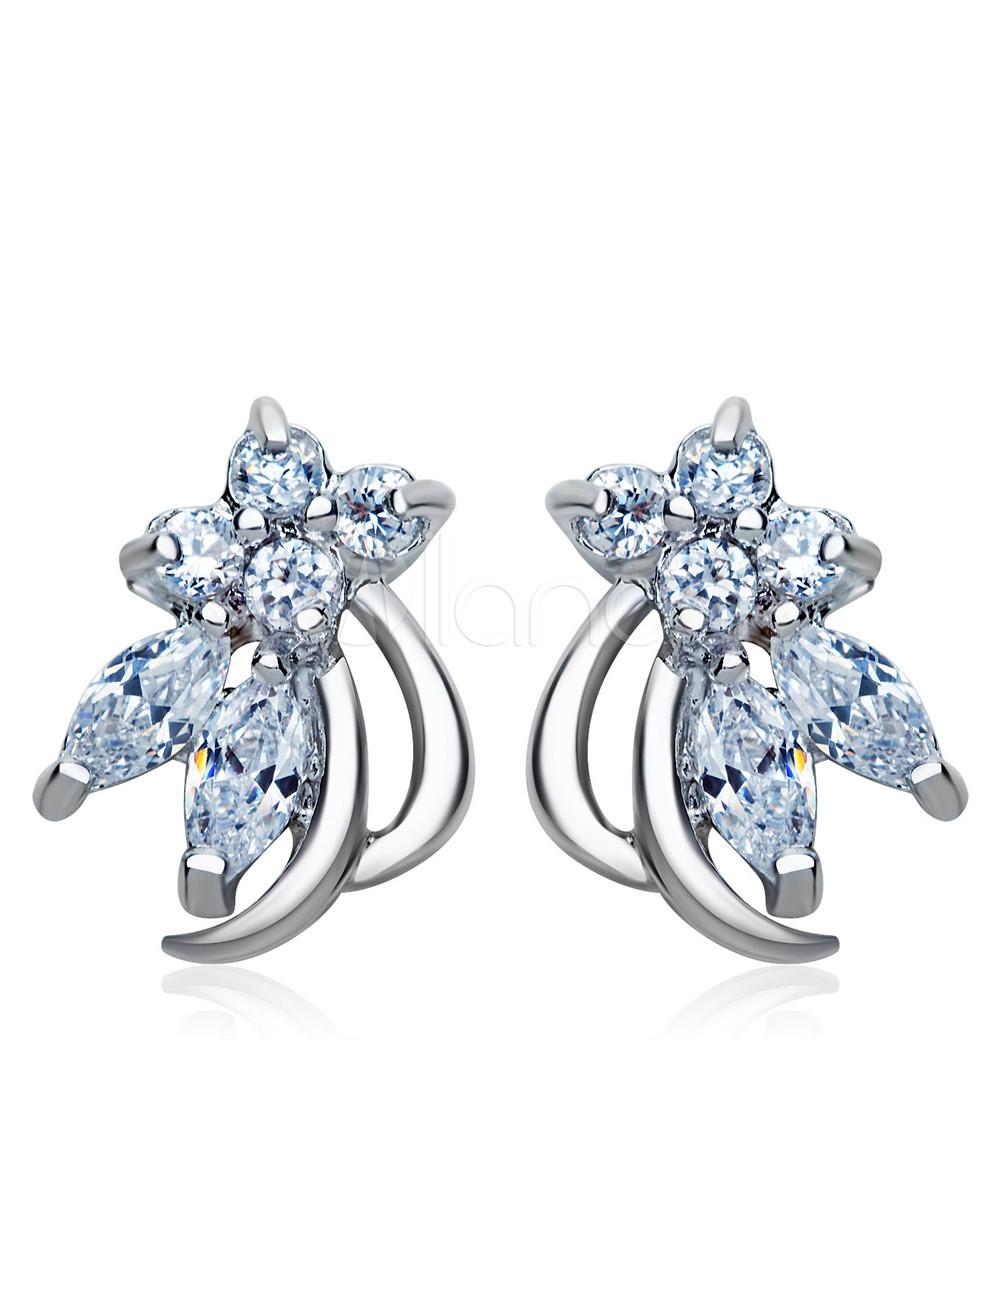 Bronze Cubic Zirconia Pierced Glamour Women's Crystal Earrings